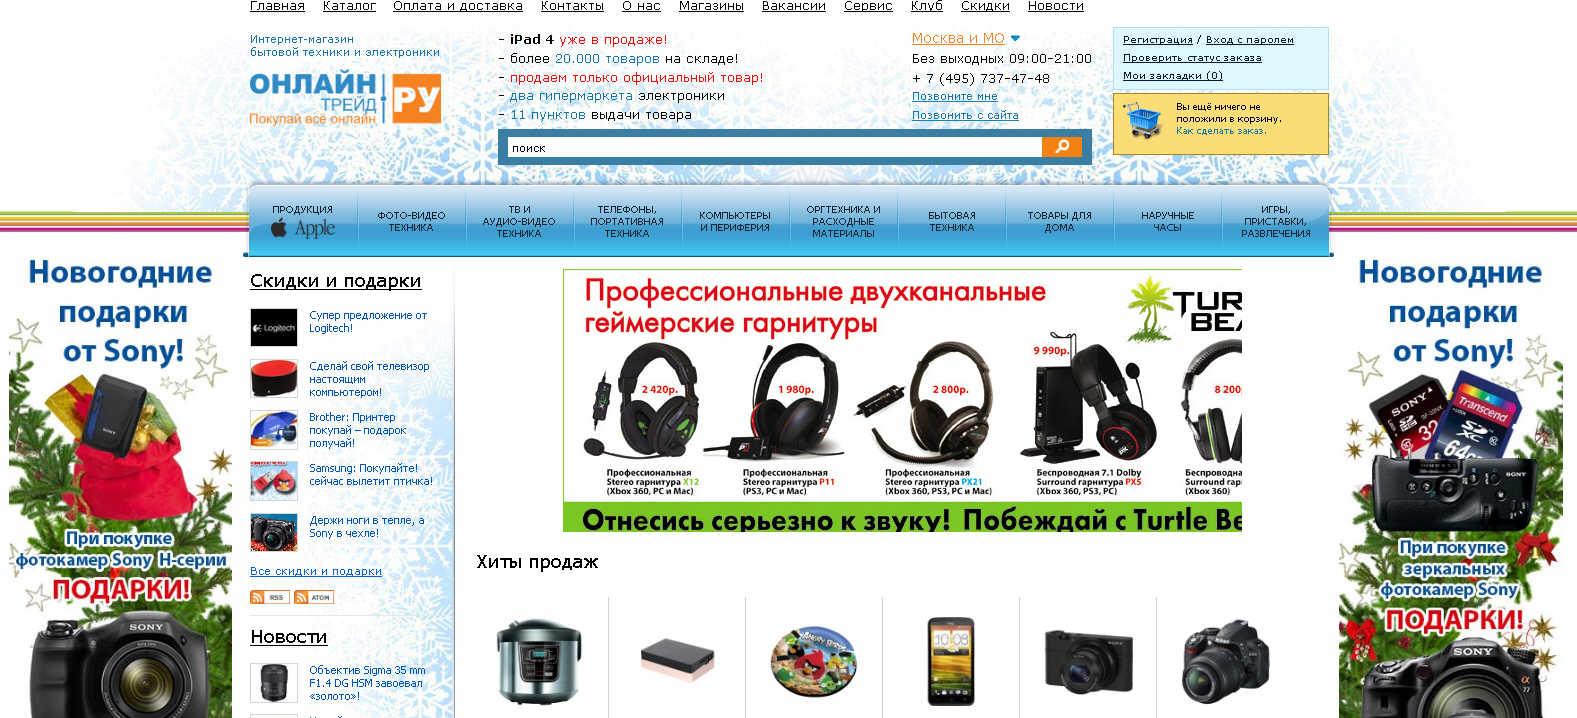 онлайн трейд интернет магазин официальный сайт спб каталог товаров лучшие кредитные карты отзывы клиентов